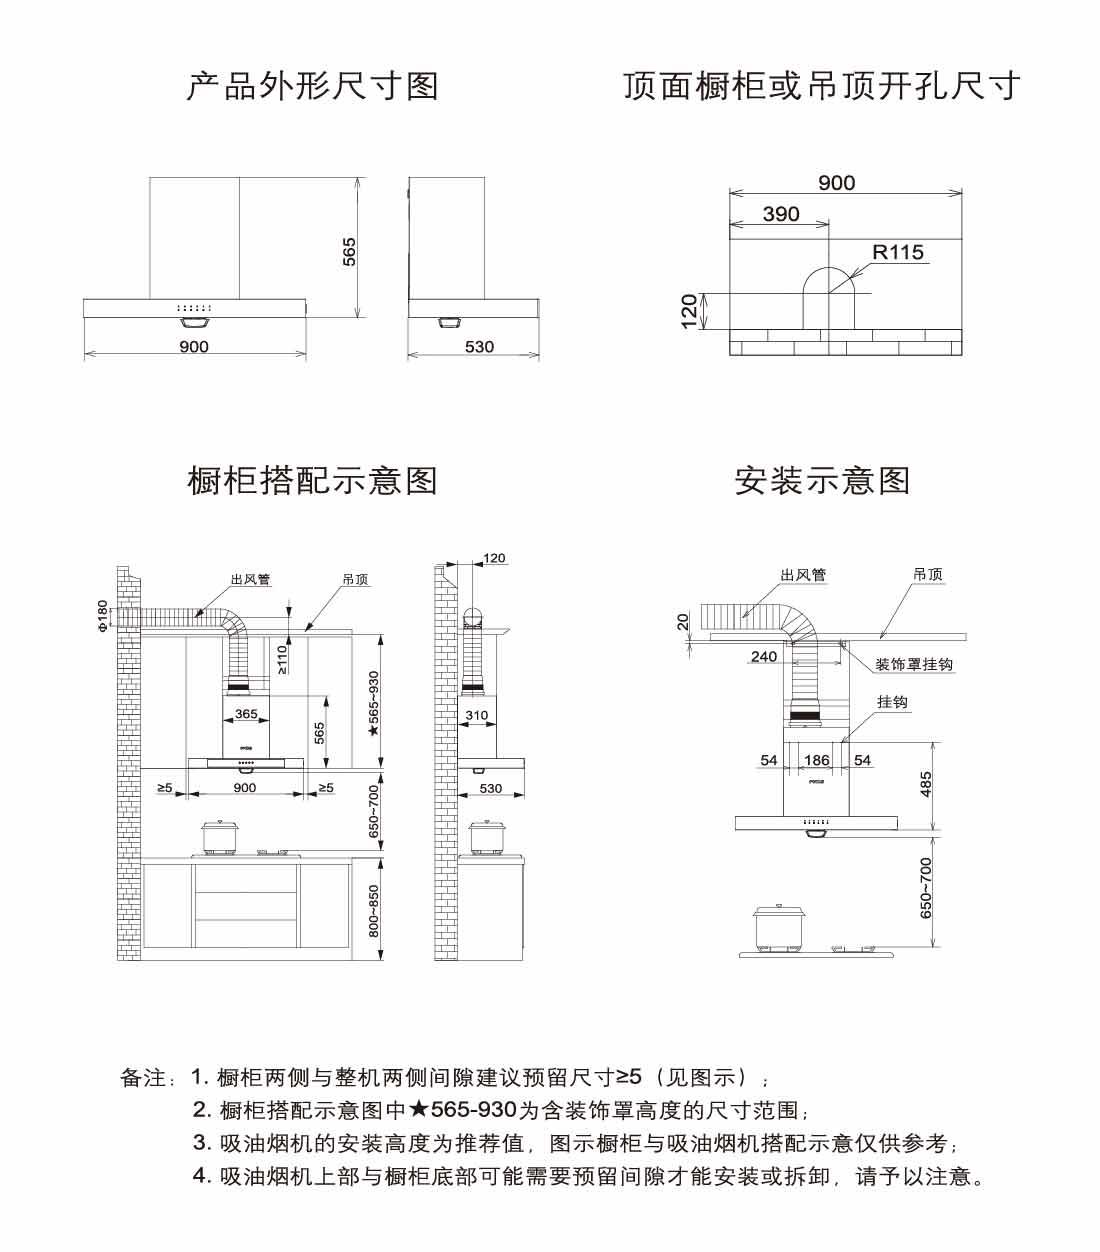 彩28彩票CXW-200-EH40QE装置表示图